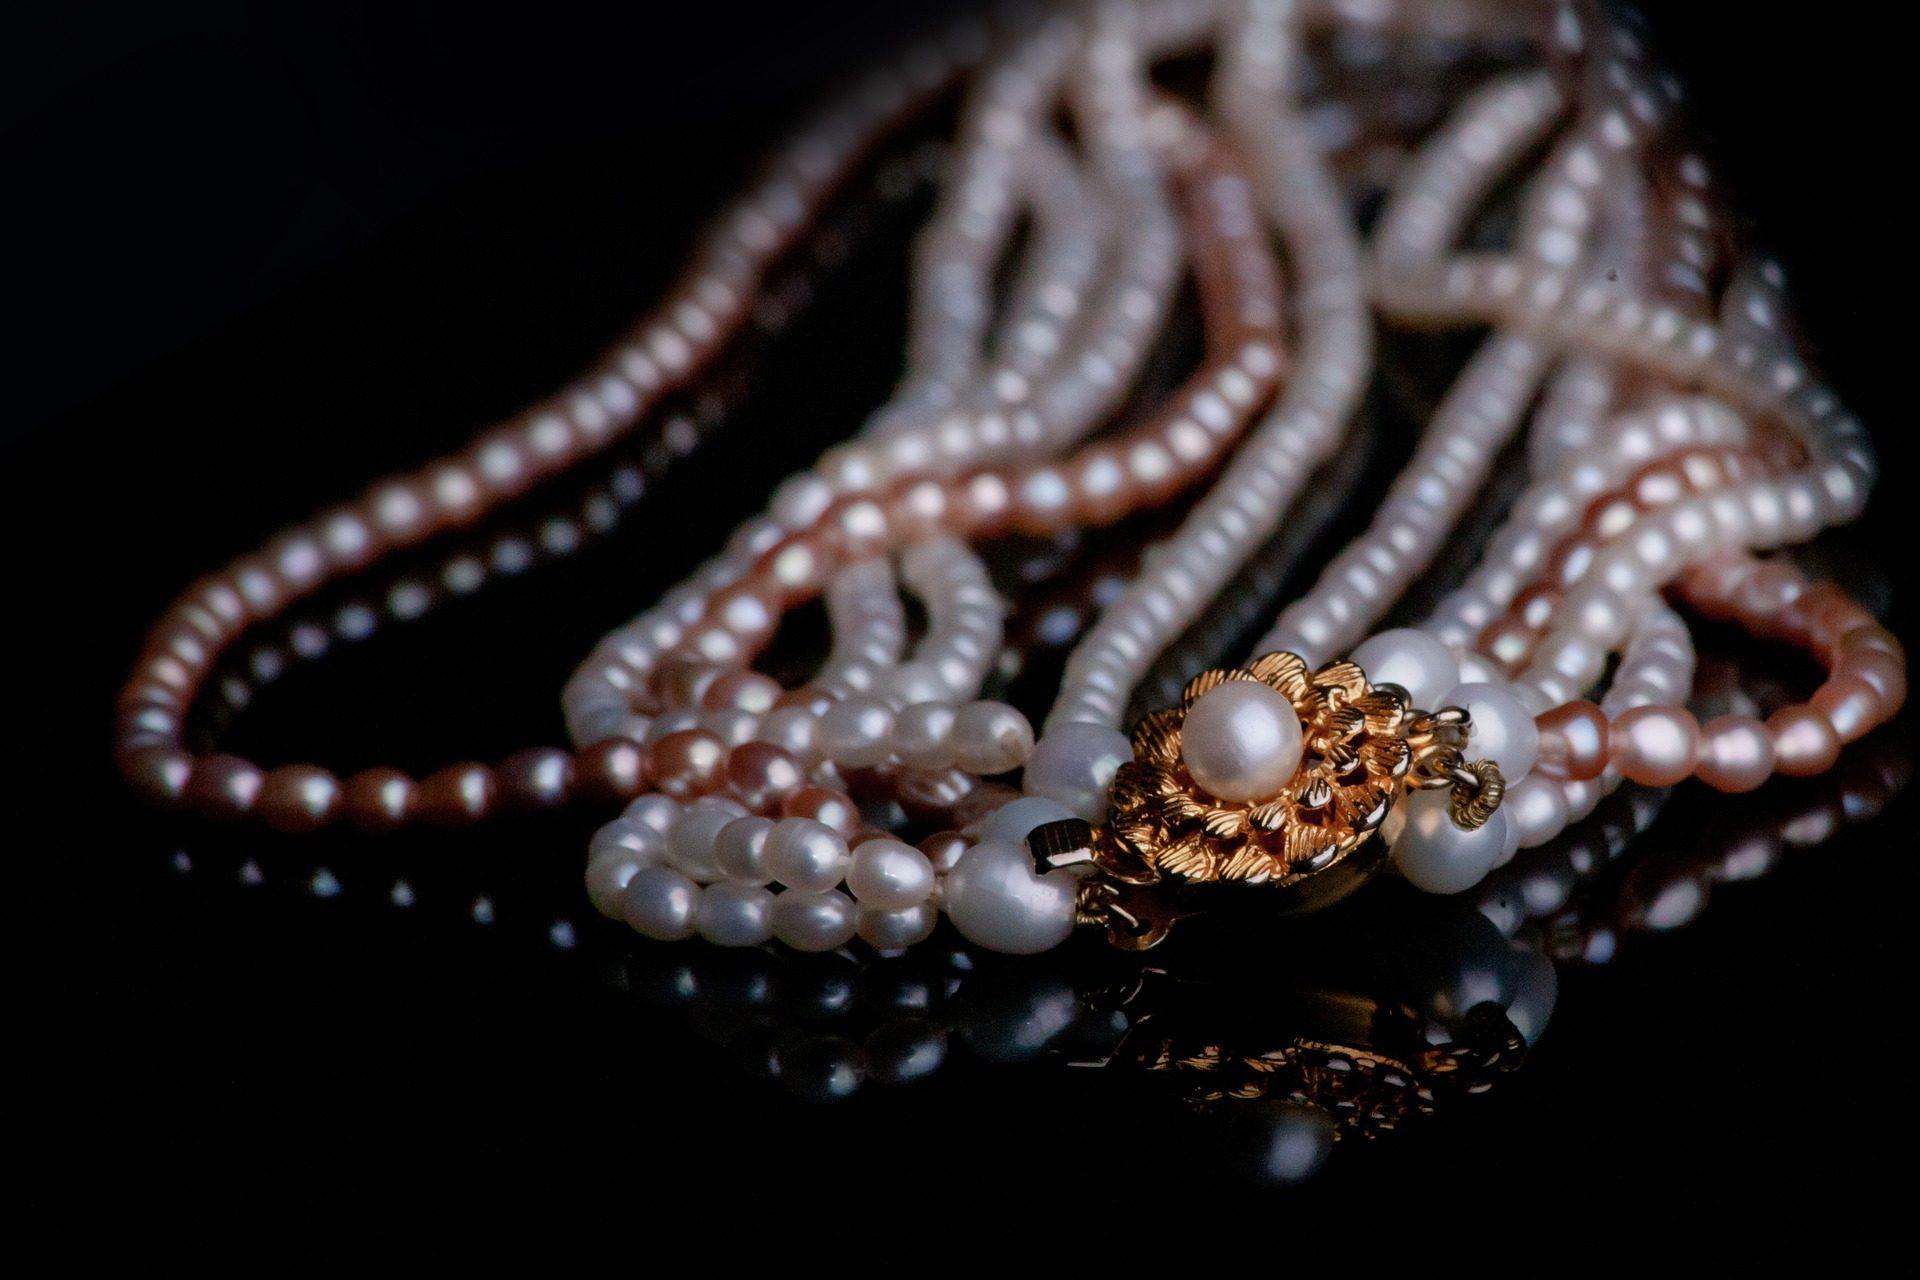 collares, perlas, joyas, brillos, oro - Fondos de Pantalla HD - professor-falken.com